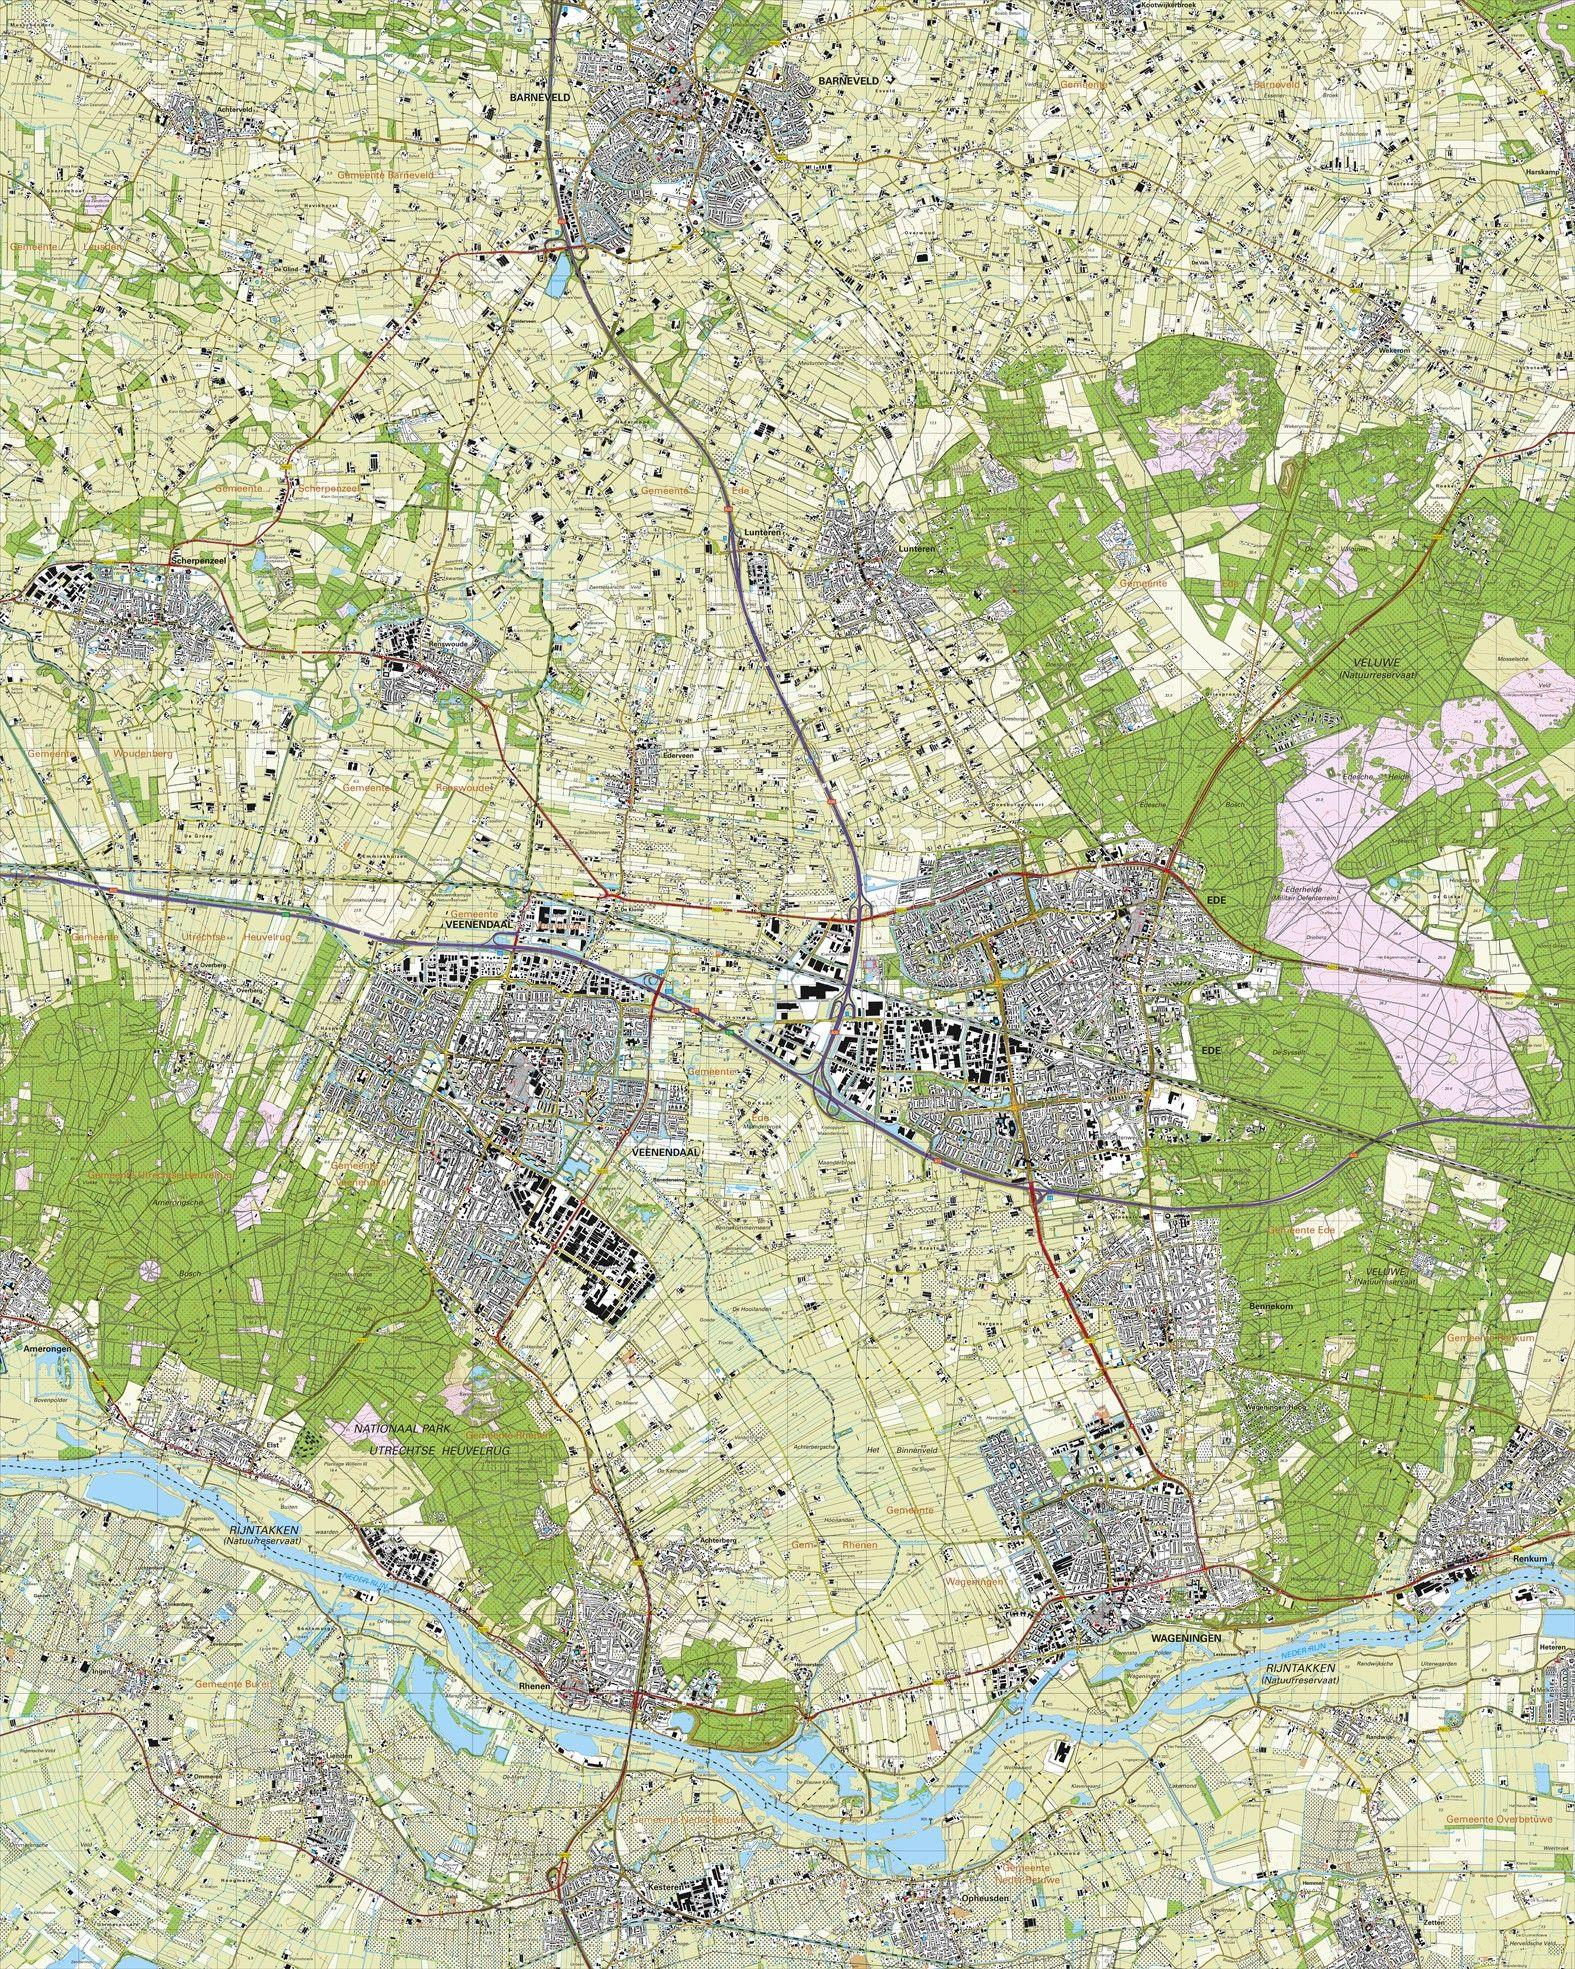 Topografische kaart schaal 1:25.000 (Barneveld, Scherpenzeel, Lunteren, Veenendaal, Ede, Bennekom, Wageningen)